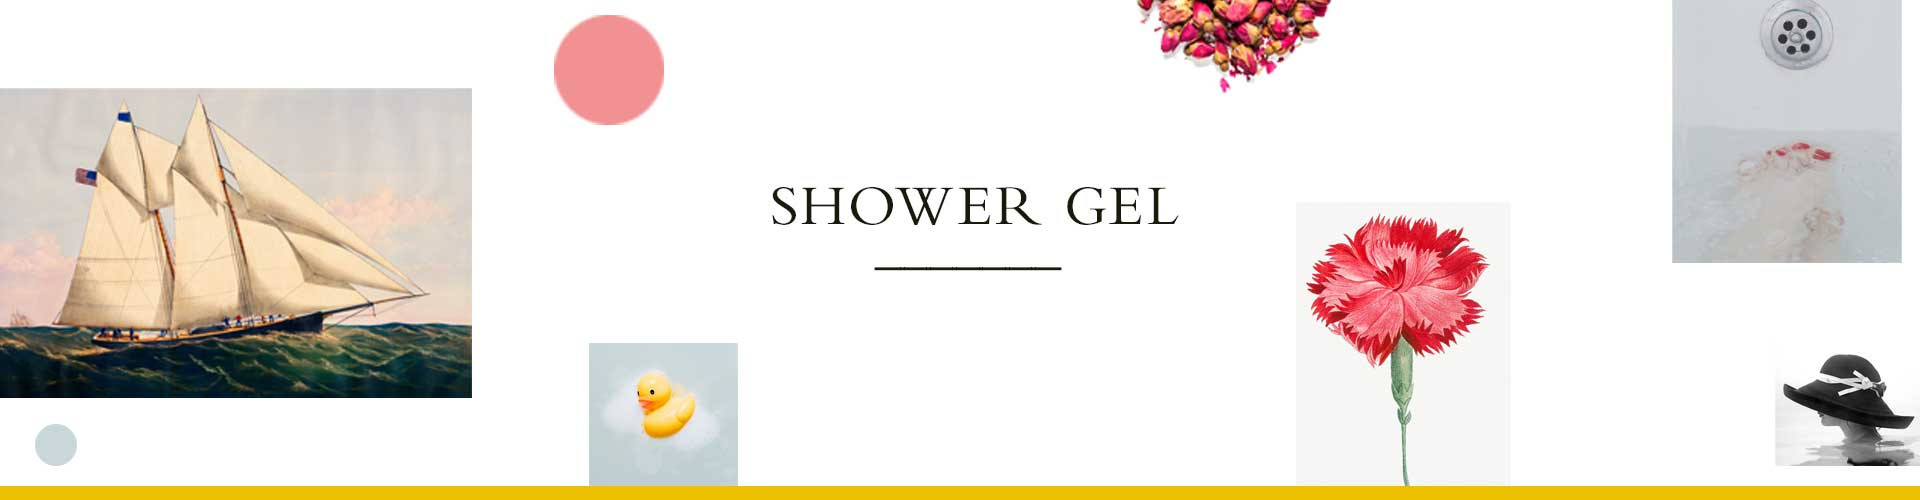 Shower Gels